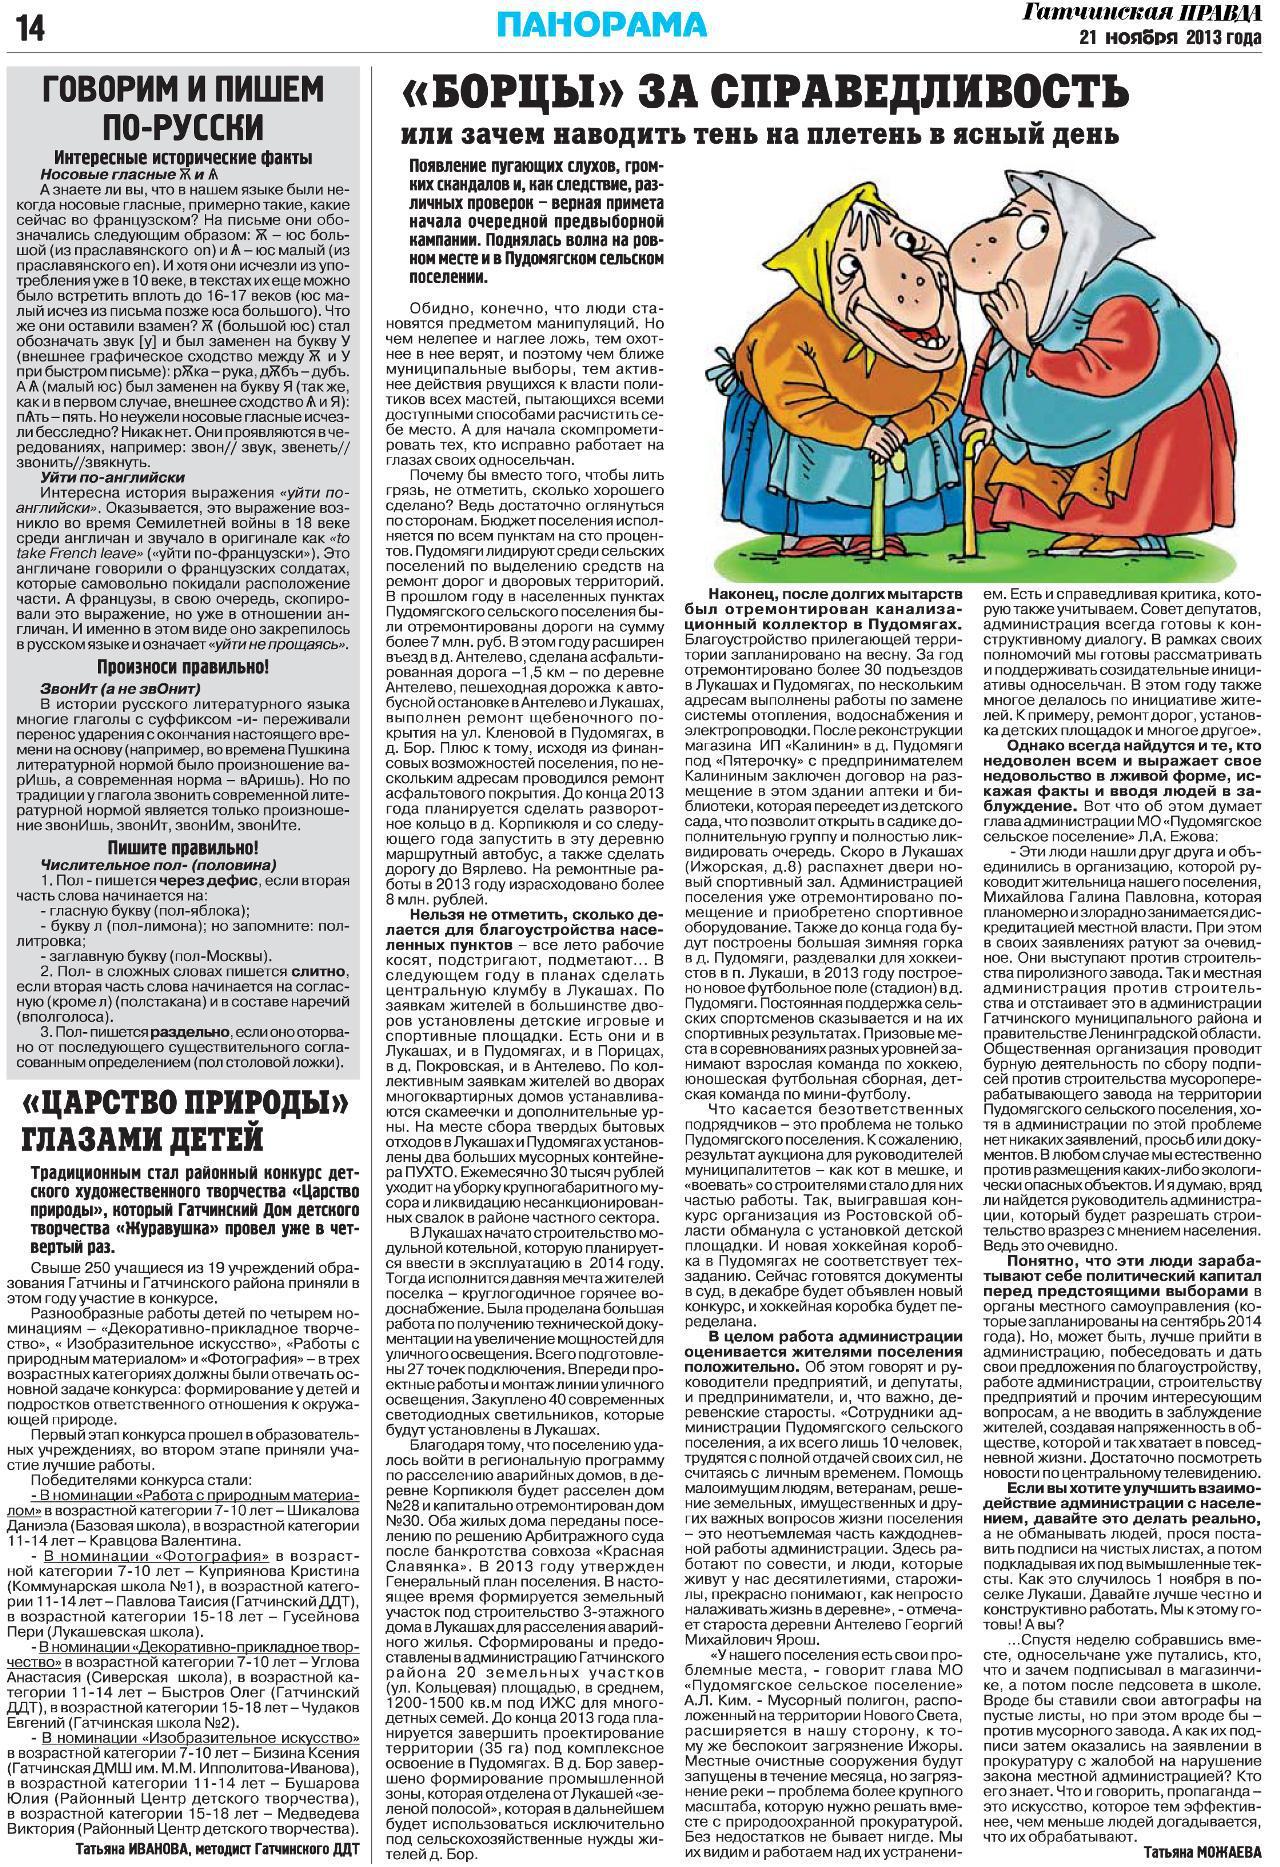 Гатчинская правда №133 от 21 ноября 2013 года